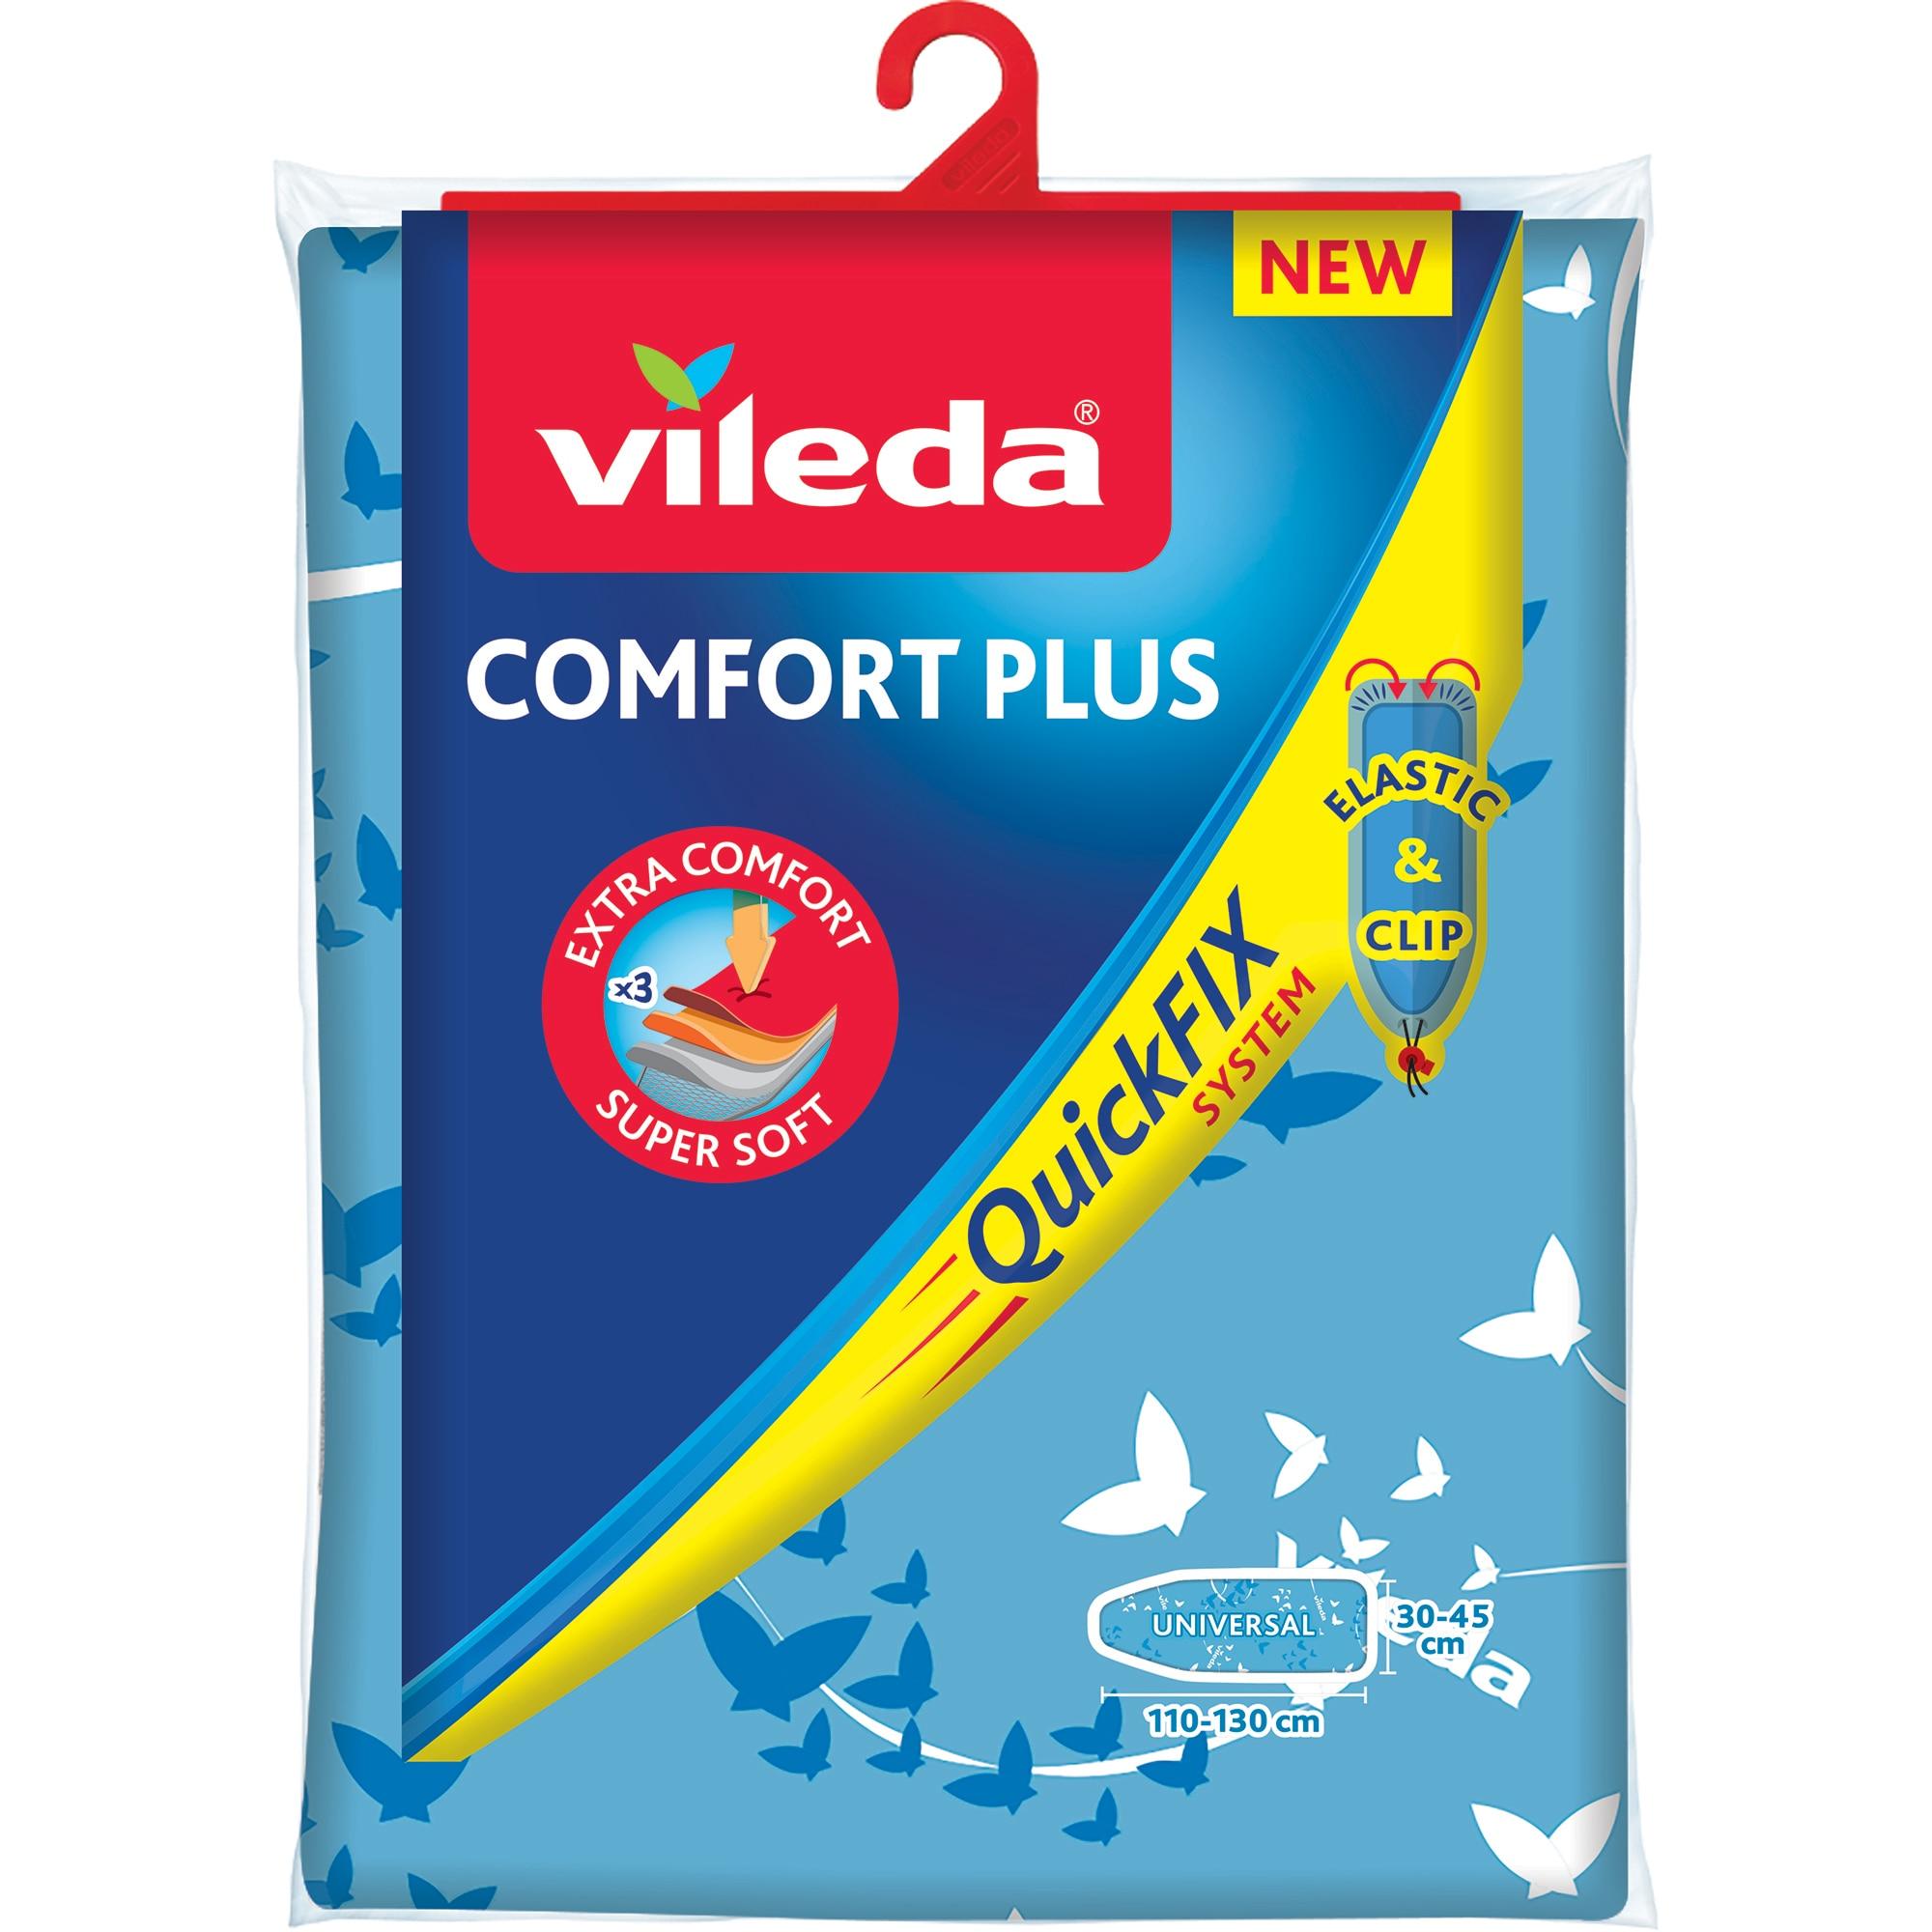 Fotografie Husa Vileda Comfort Plus, universala, 110-130 / 30-45 cm